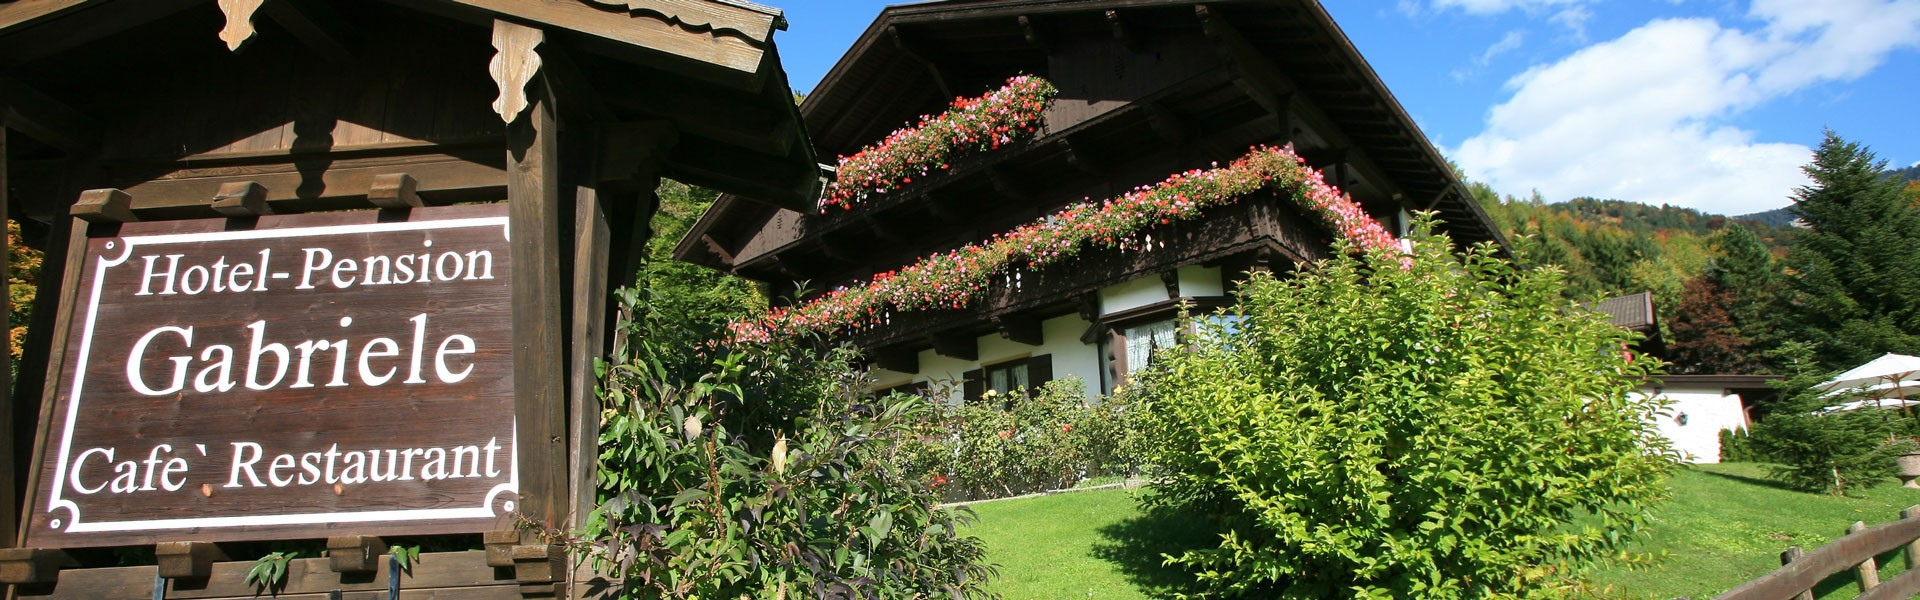 Hotel Gabriele Chiemgau